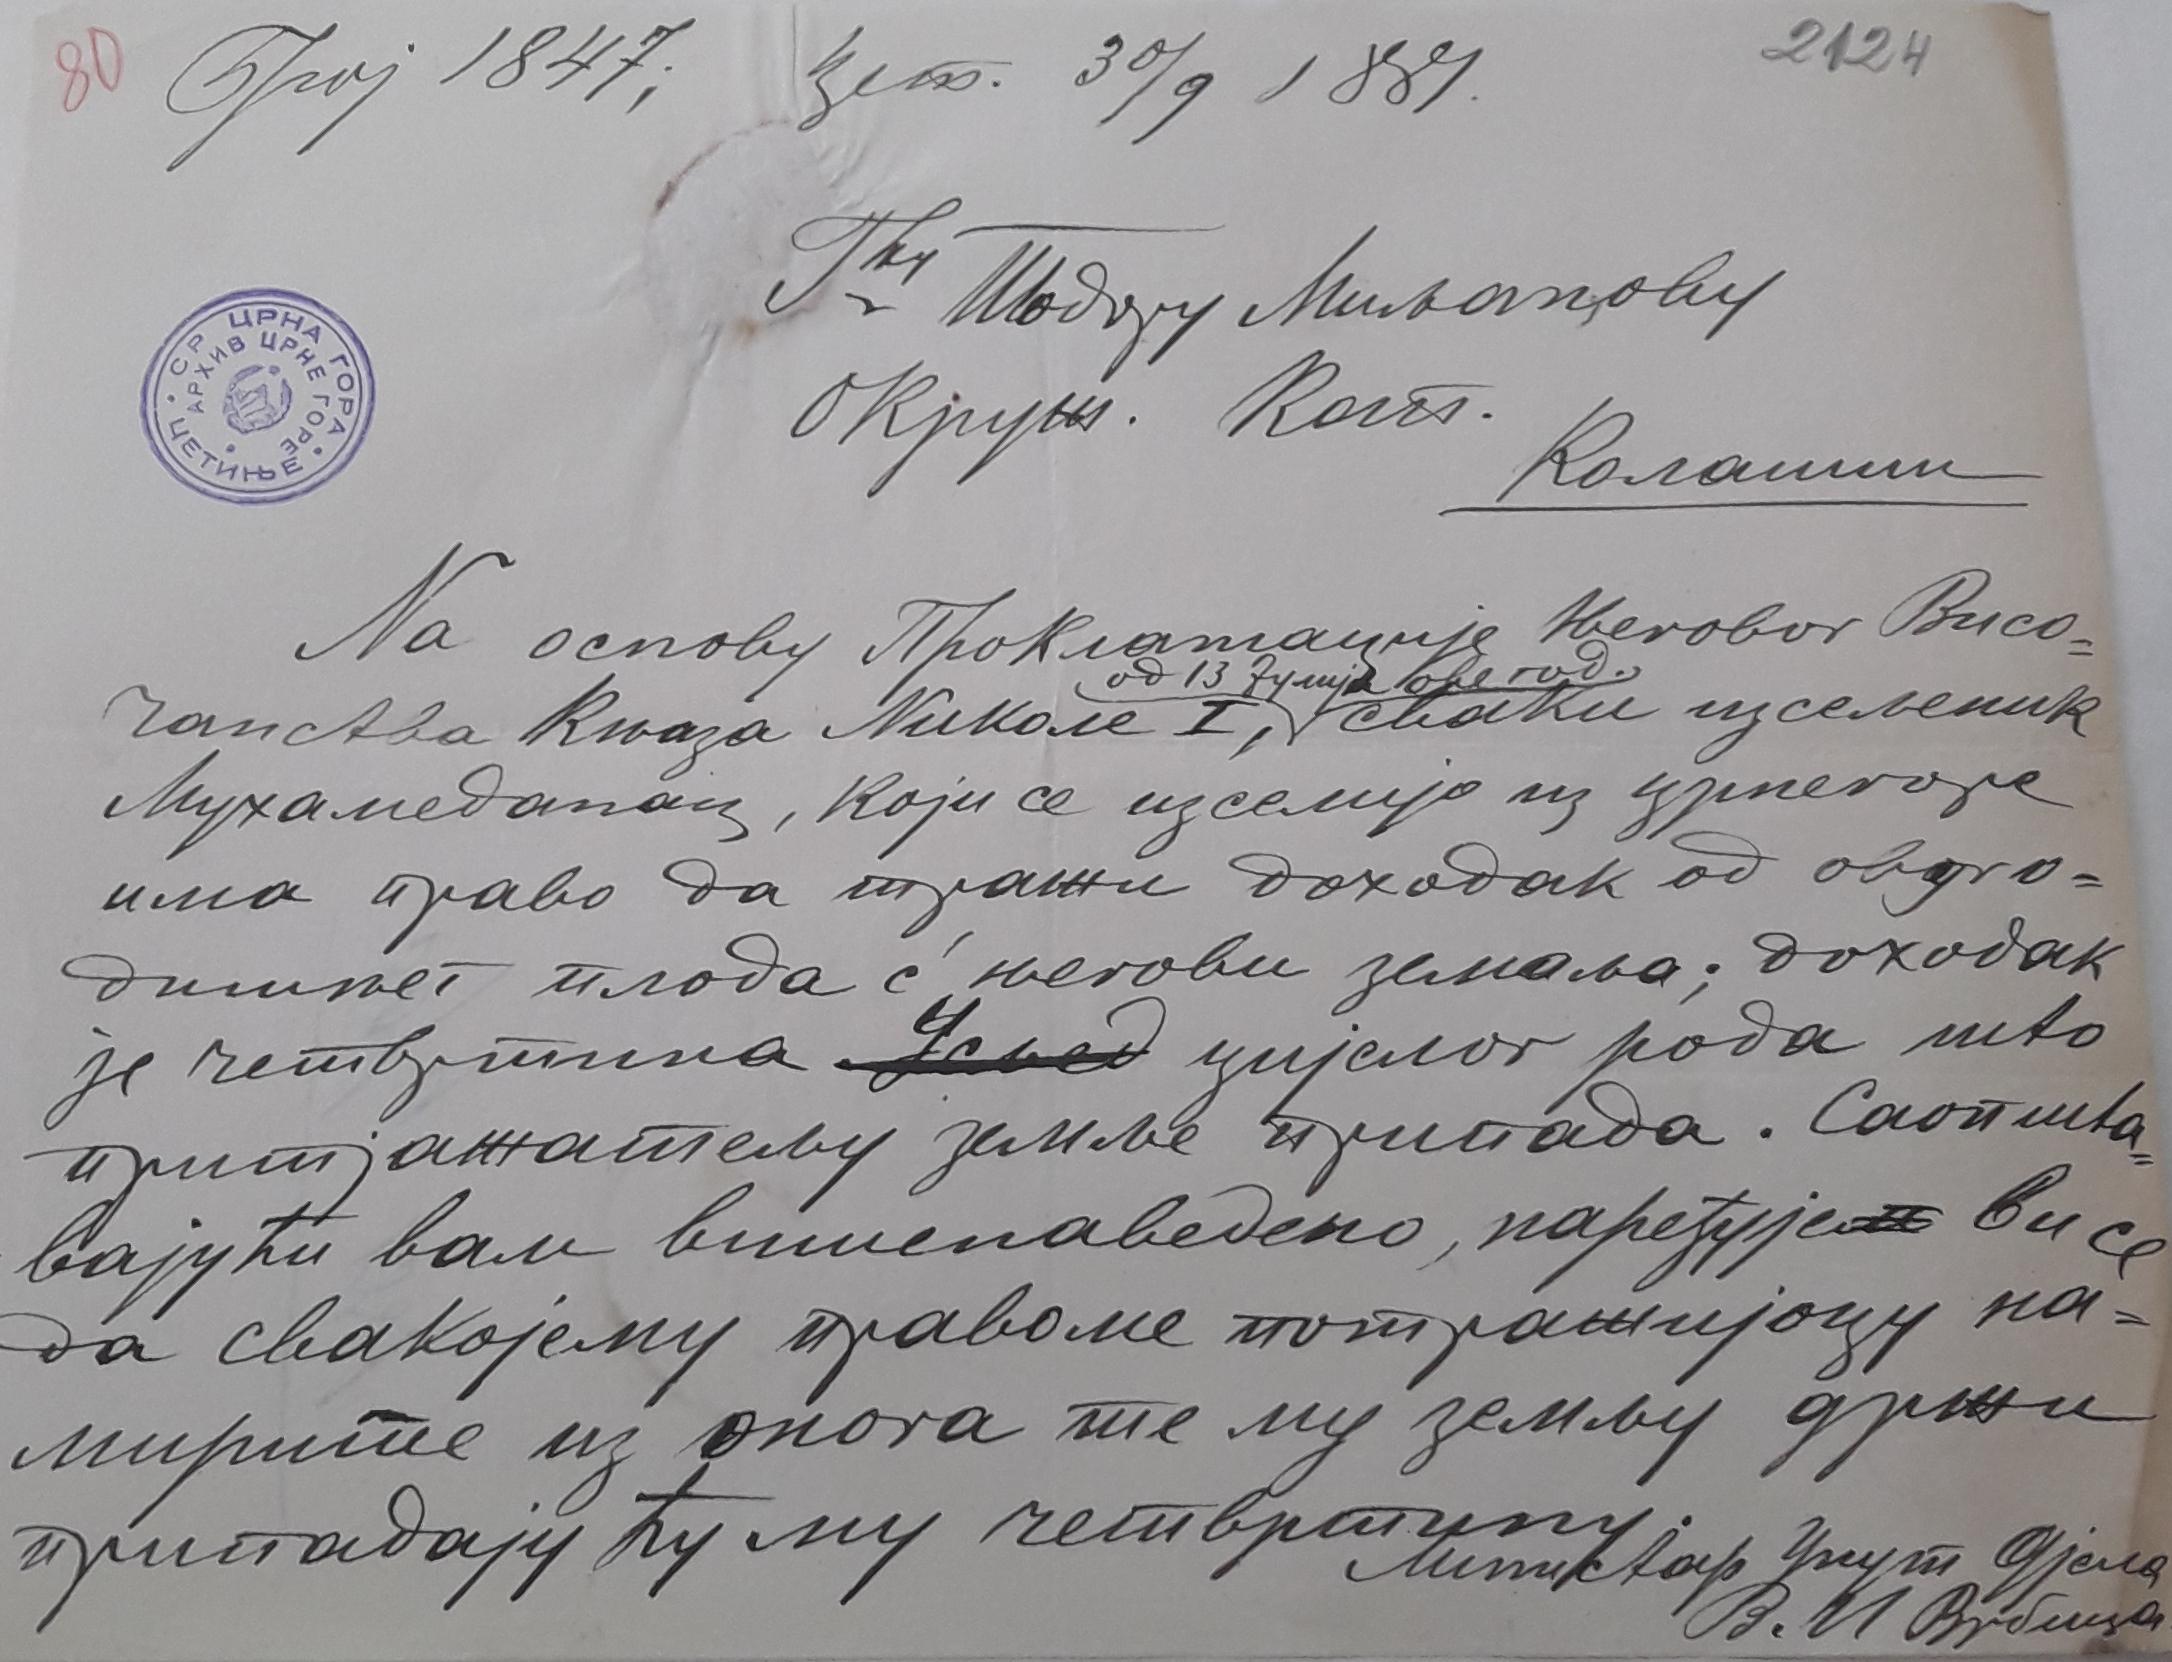 Pomen knjaževe Proklamacije o pravima iseljenih muslimana nad njihovim dobrima u Crnoj Gori, MUD, septembar 1881.